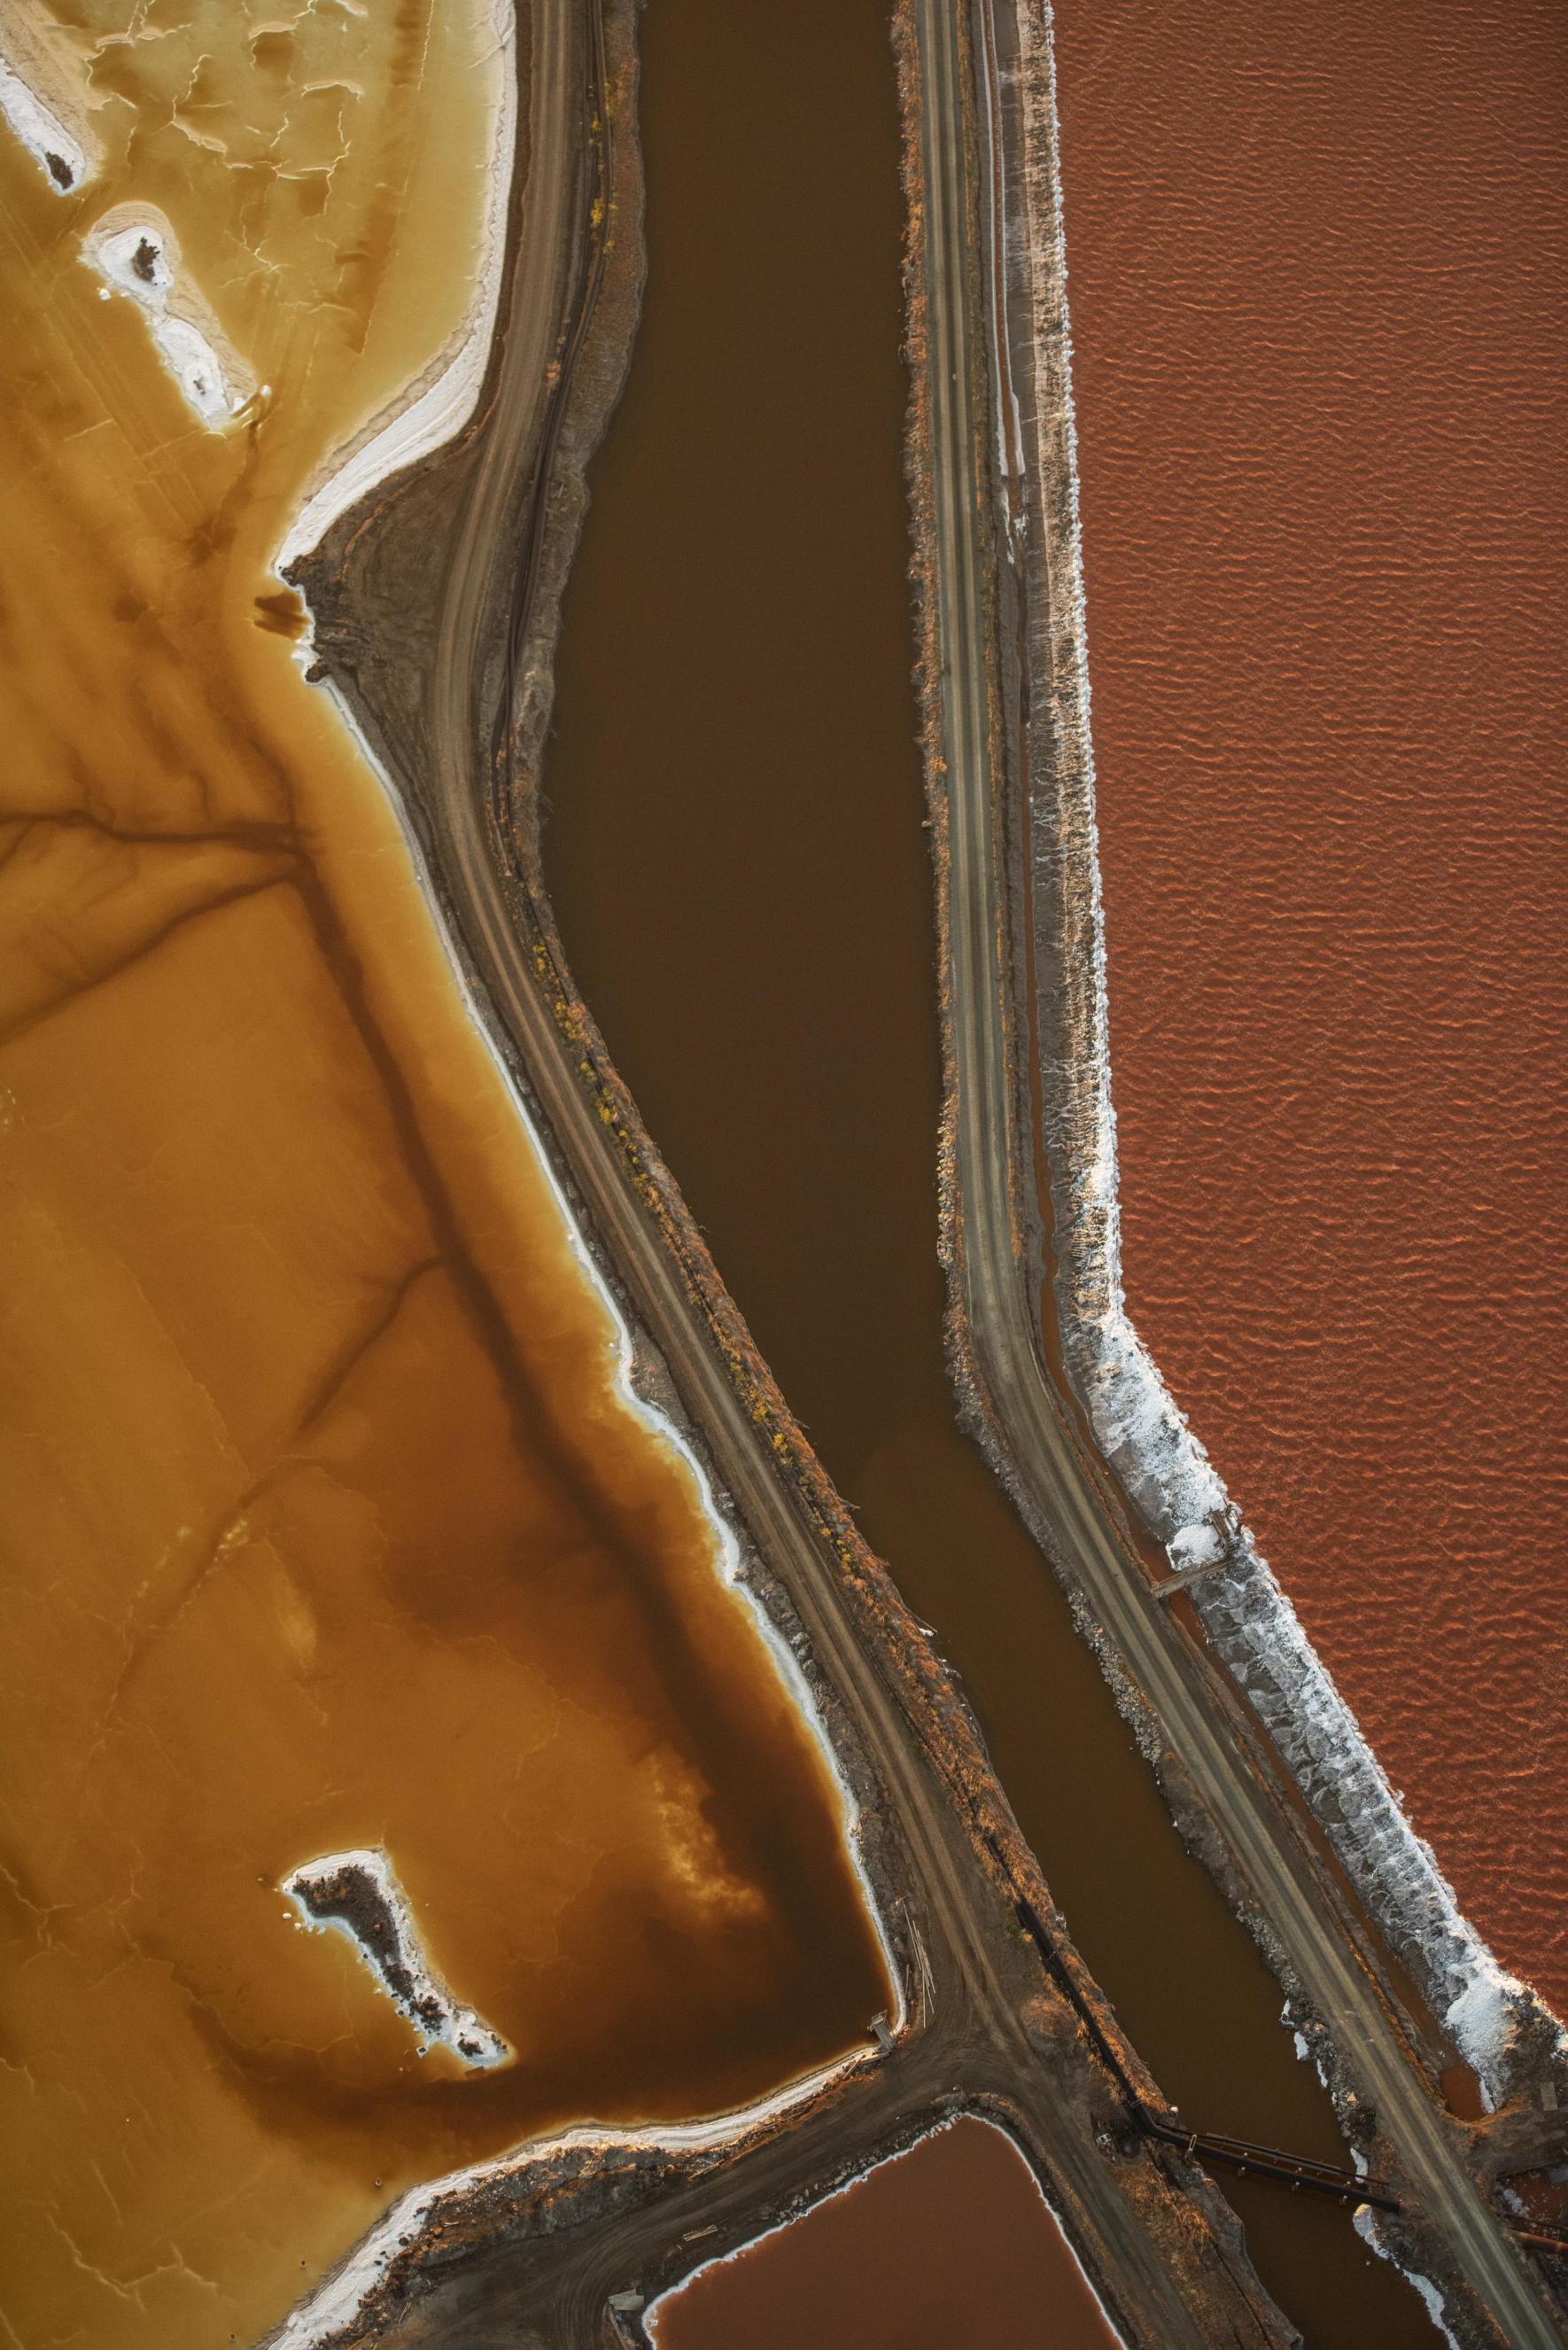 Την τρίτη θέση στην κατηγορία τοπίου πήρε ο Τζάσεν Τόντοροφ. «Αν έχετε πετάξει στο Διεθνές Αεροδρόμιο του Σαν Φρανσίσκο, μπορεί να έχετε δει αυτές τις πολύχρωμες λιμνοθάλασσες πάνω από τον κόλπο. Τα έχω φωτογραφίσει πολλές φορές, καθώς τα χρώματα και τα σχέδια αλλάζουν συνεχώς χάρη στους μικροοργανισμούς και την αλατότητα», εξήγησε ο αμερικανός φωτογράφος και πιλότος